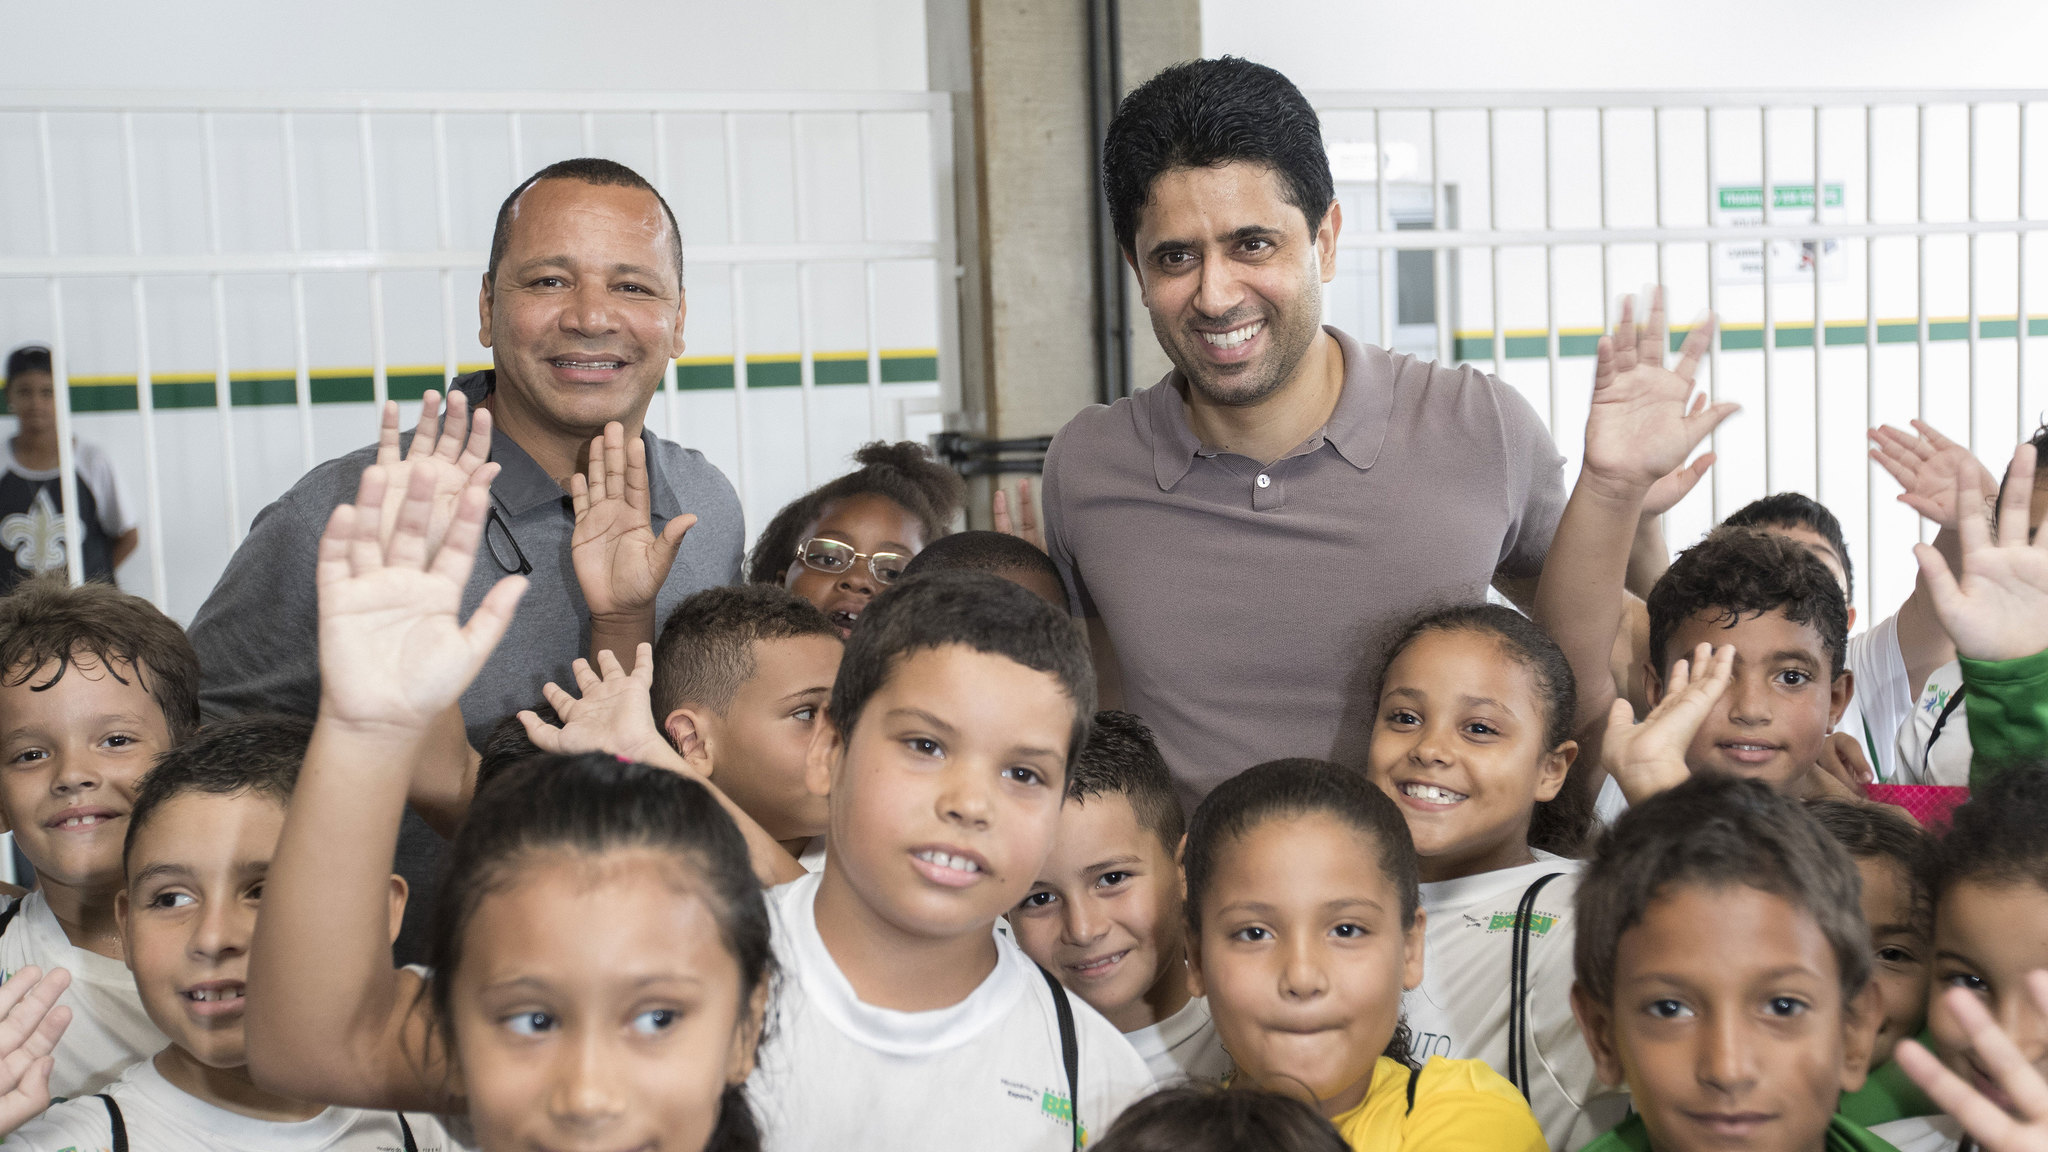 El presidente del París Saint-Germain, Nasser Al Khelaifi ,...